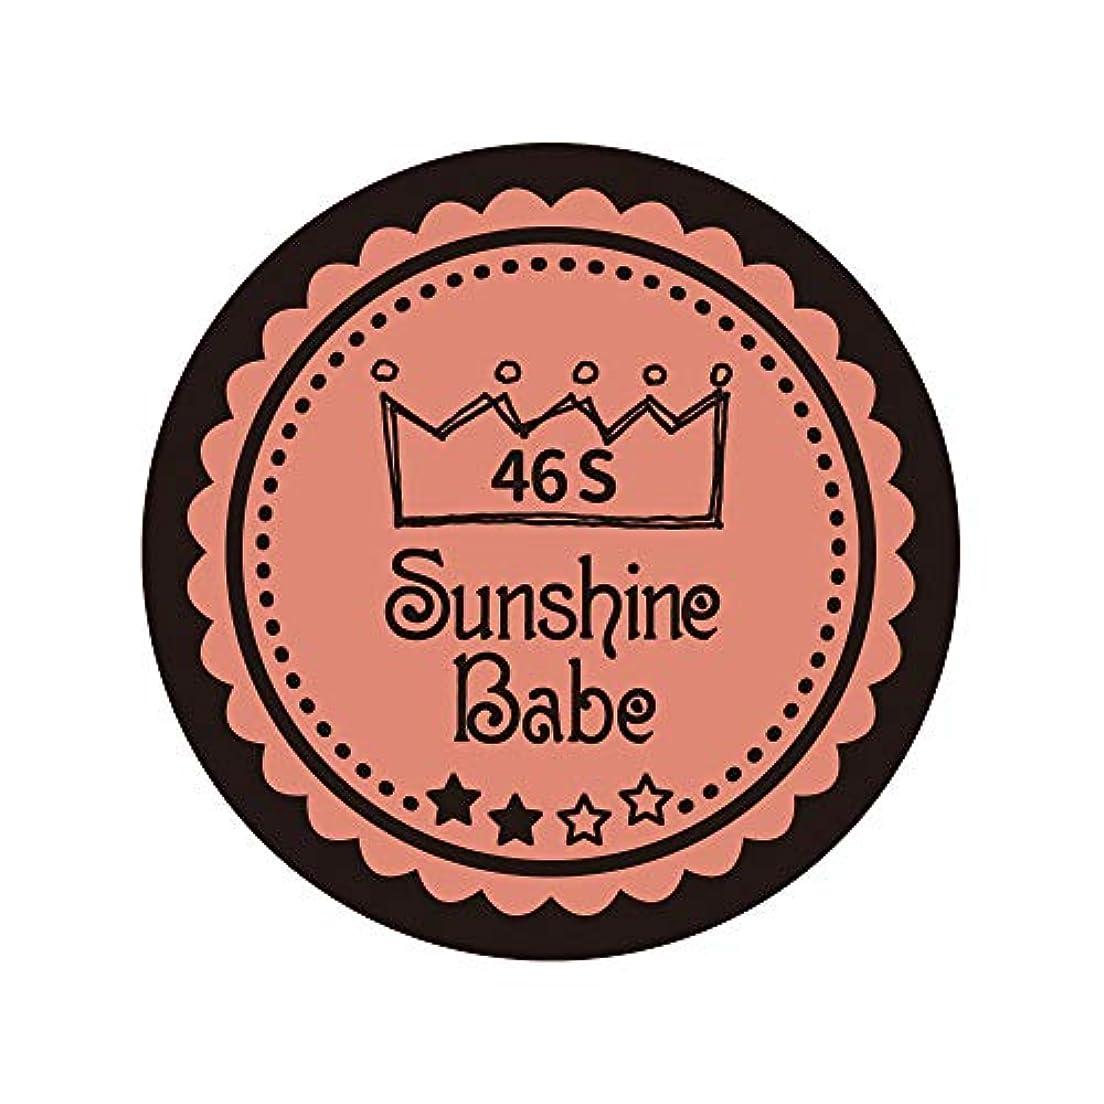 Sunshine Babe カラージェル 46S ピンクベージュ 4g UV/LED対応